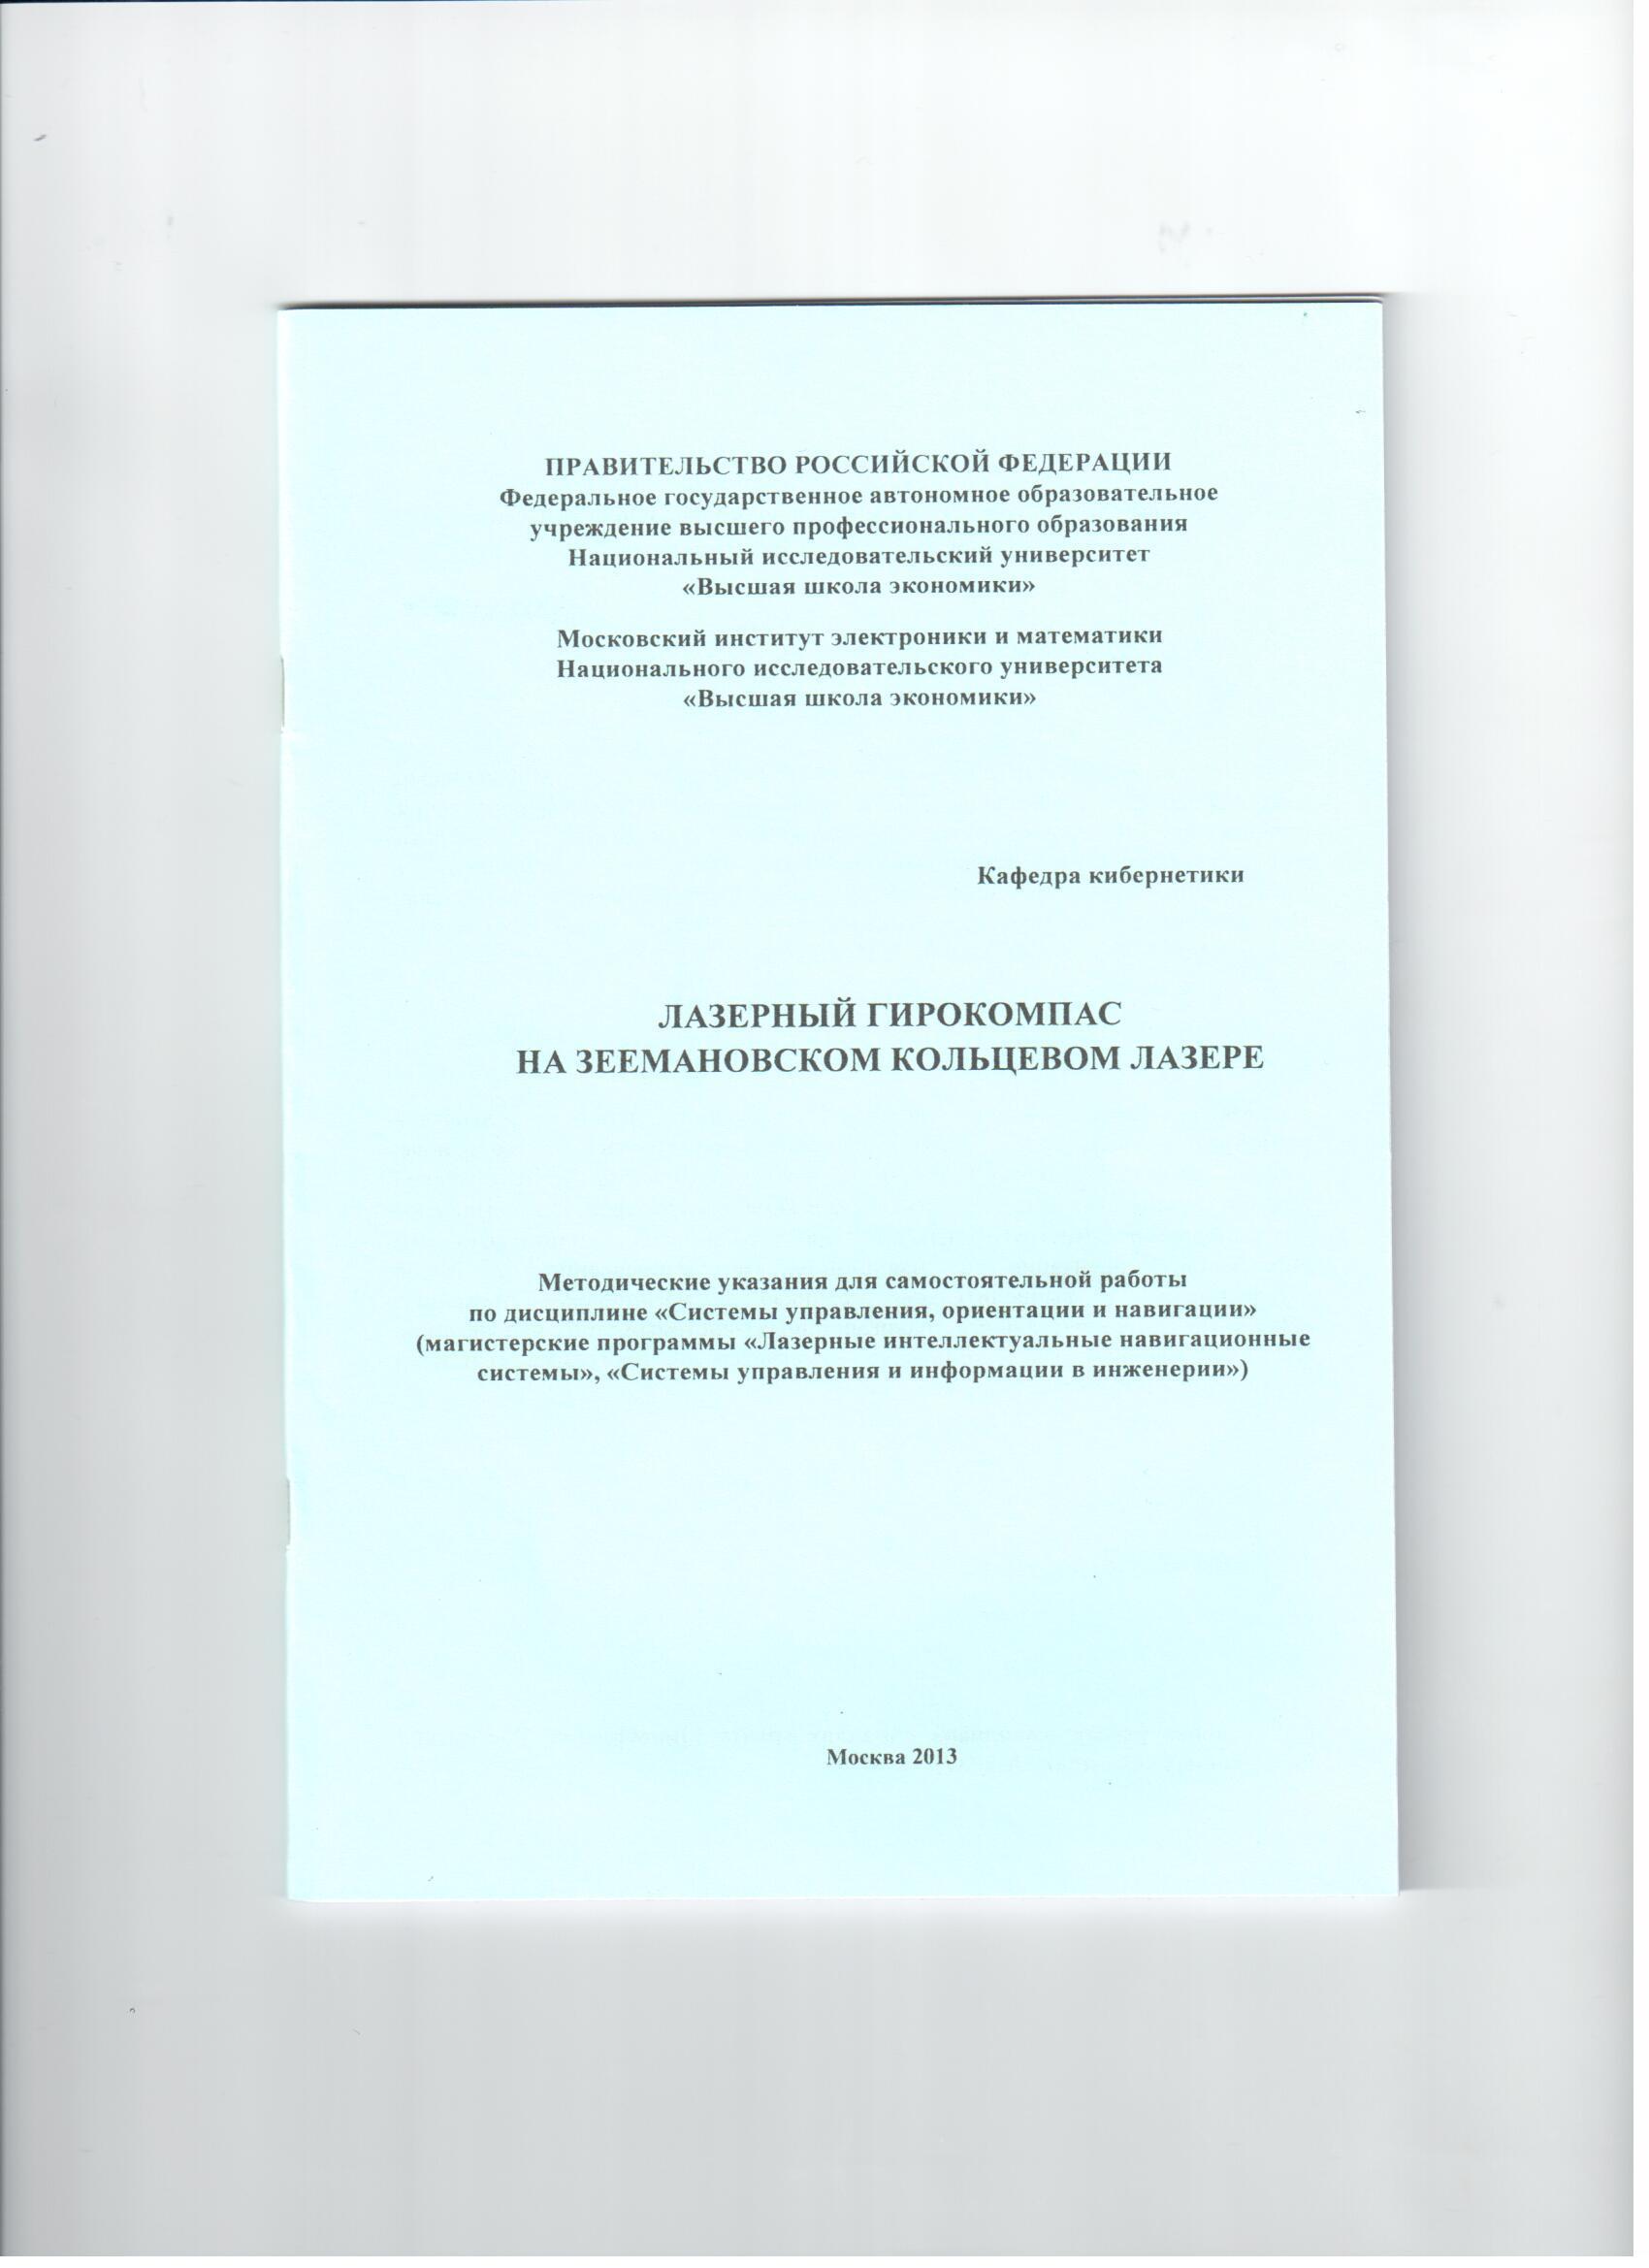 Лазерный гирокомпас на зеемановском кольцевом лазере. Методические указания для самостоятельной работы по дисциплине «Системы управления, ориентации и навигации» (магистерские программы «Лазерные интеллектуальные навигационные системы», «Системы управления и информации в инженерии»)